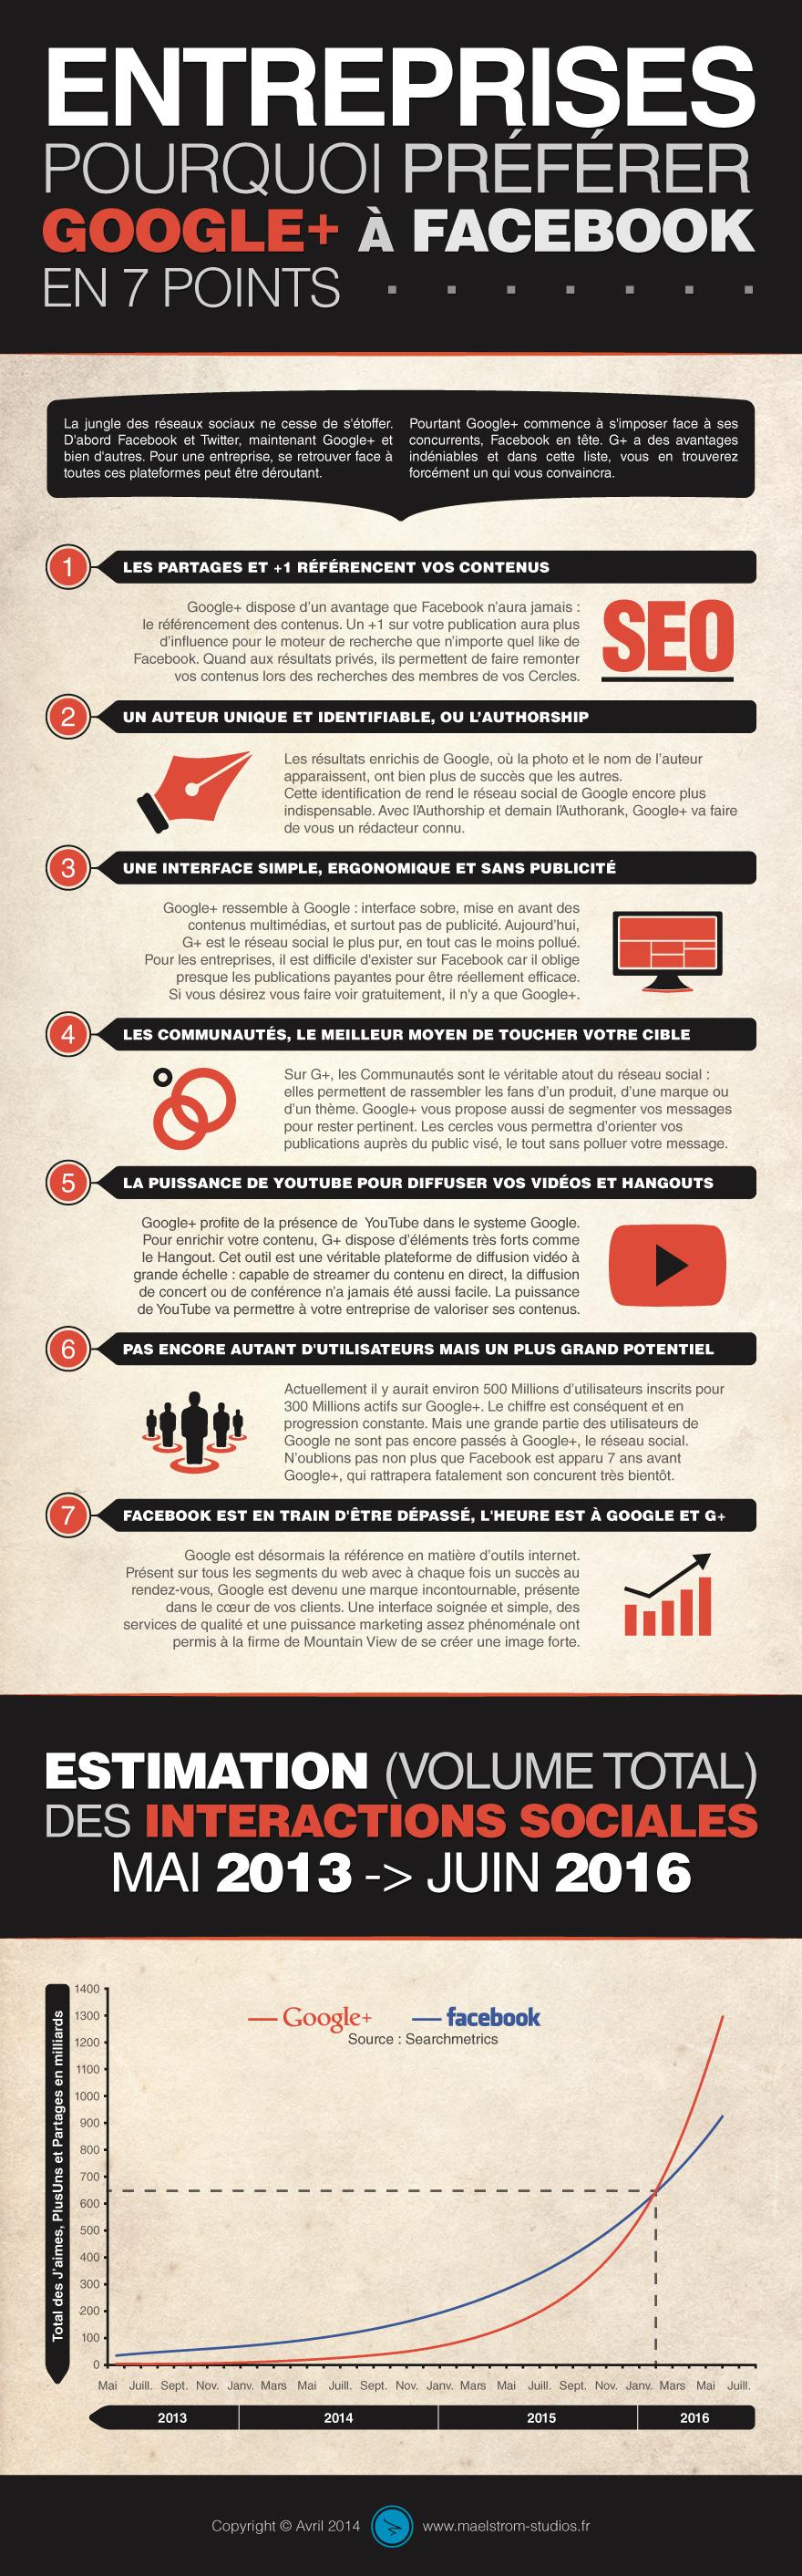 infographie-entreprises-pourquoi-preferer-google-a-facebook-en-7-points